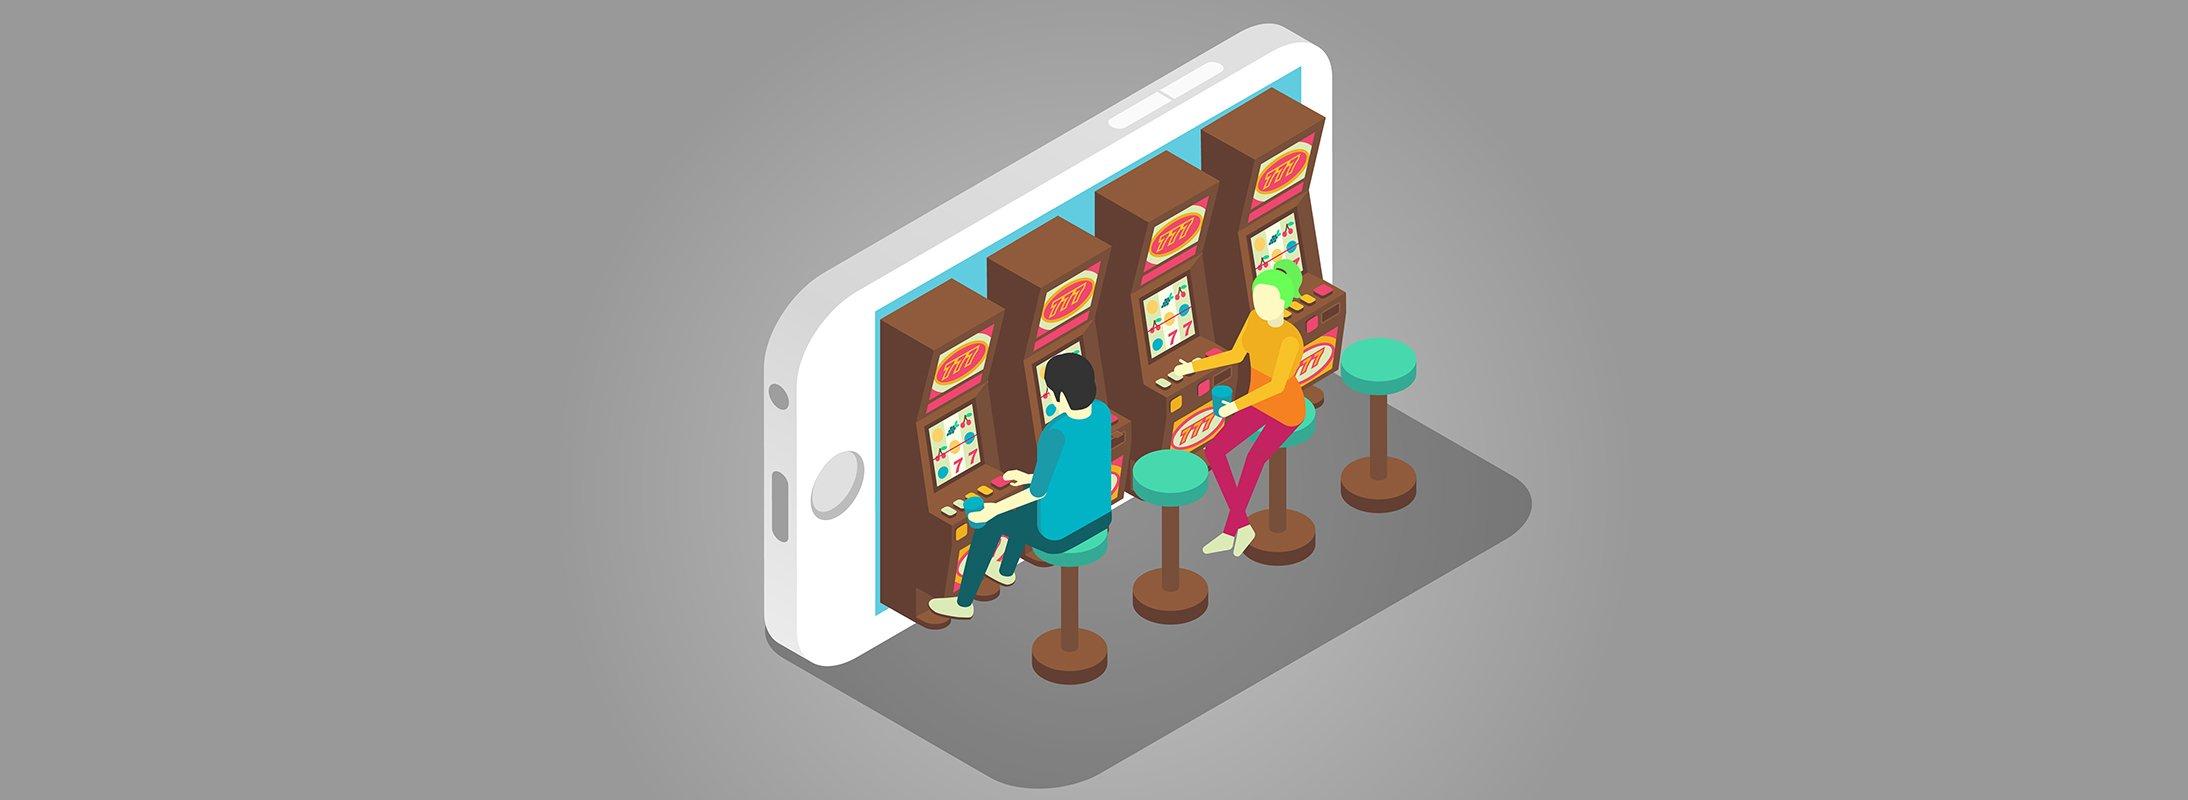 Findes der en strategi til at vinde på spilleautomater element01 - CasinoTop